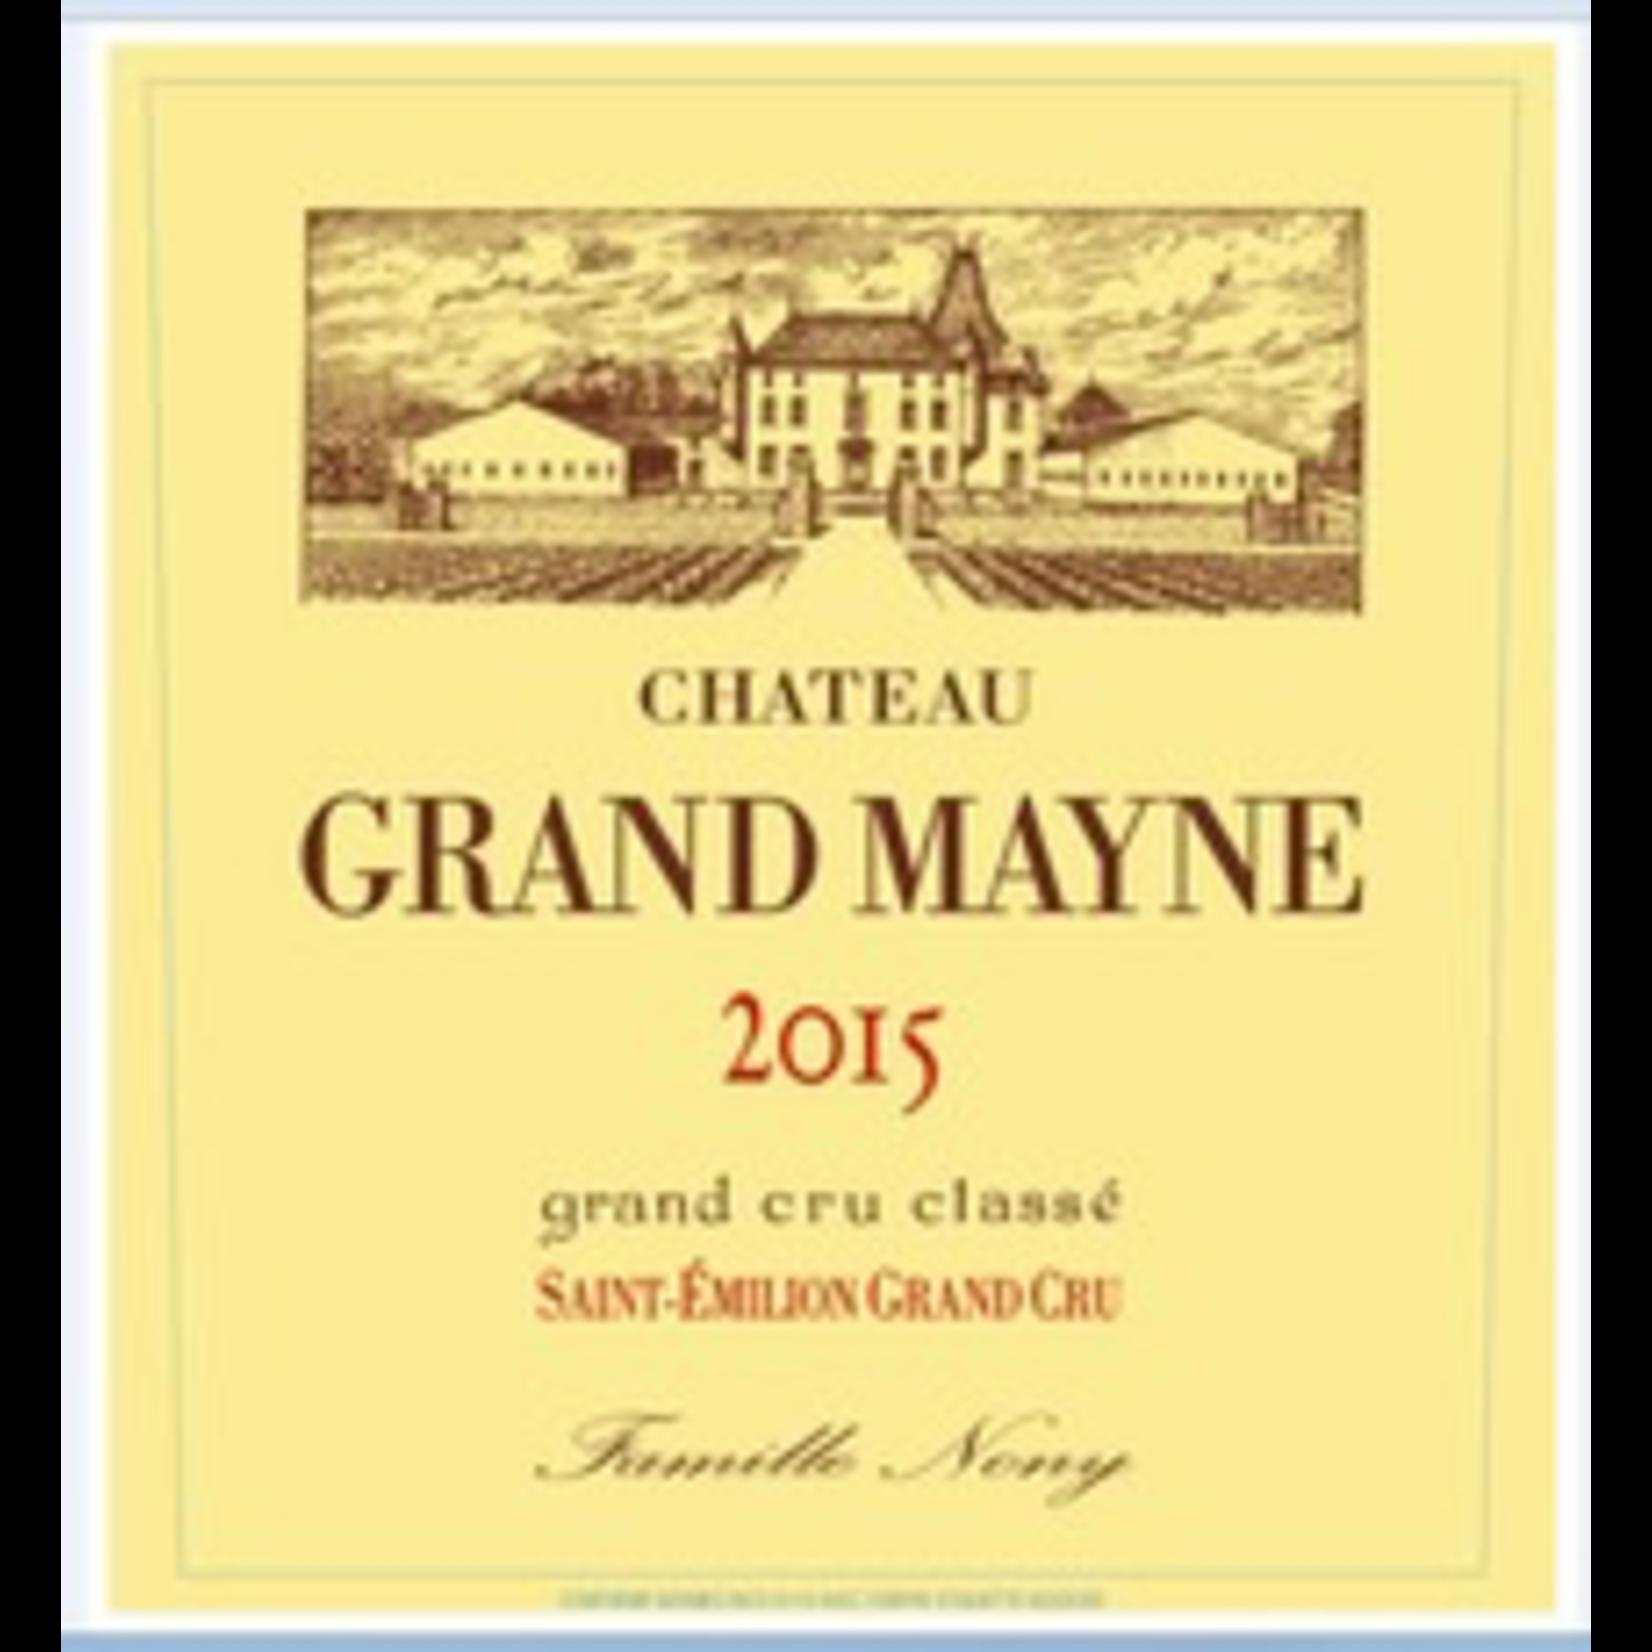 Wine Chateau Grand Mayne 2015